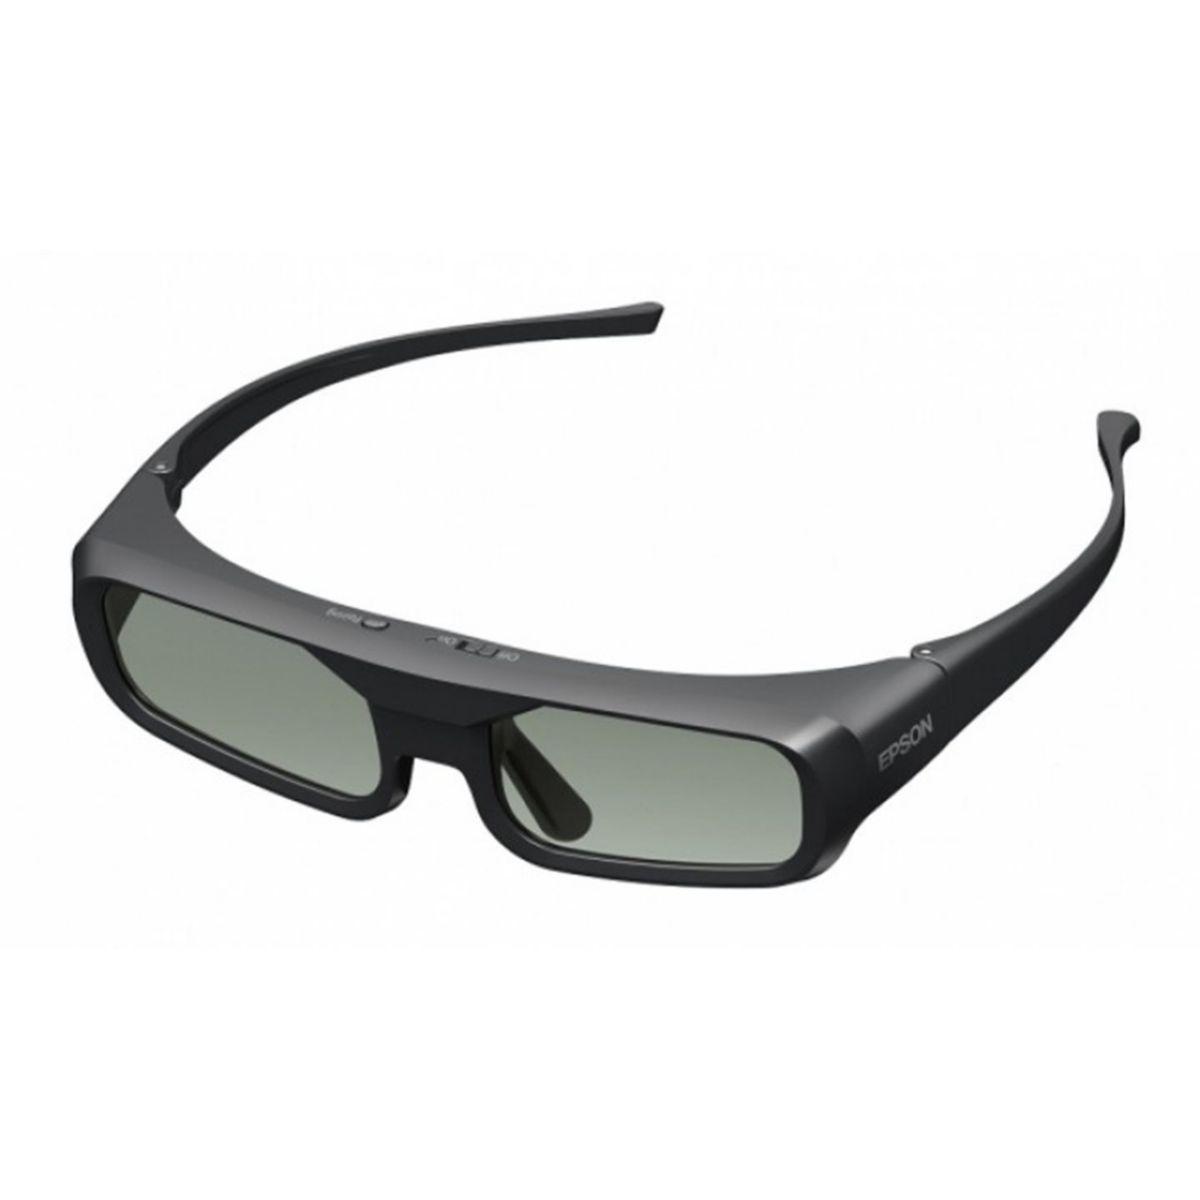 Accessoire epson lunettes 3d rf elpgs03 - livraison offerte : code livrelais (photo)